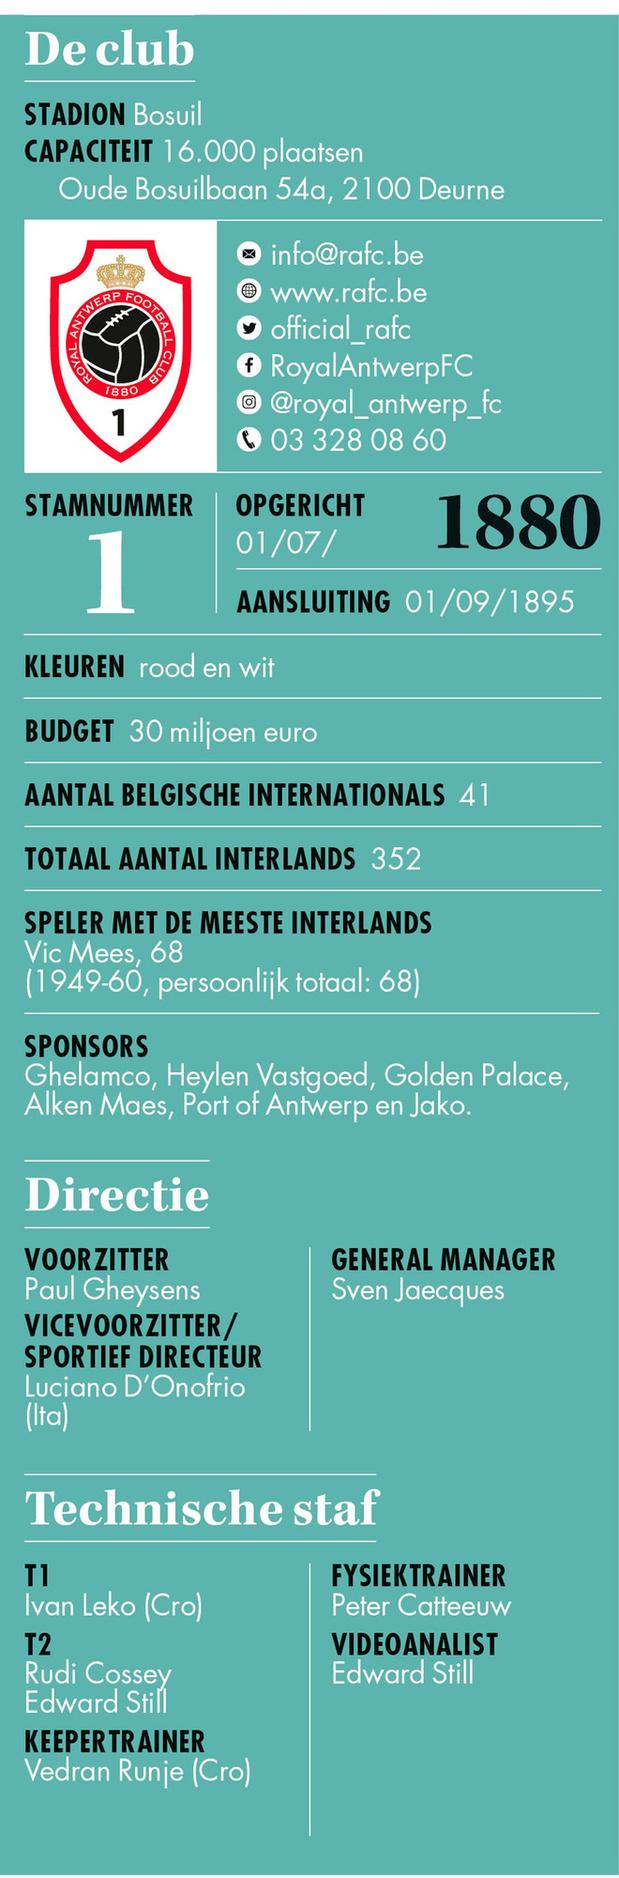 R Antwerp FC - Info